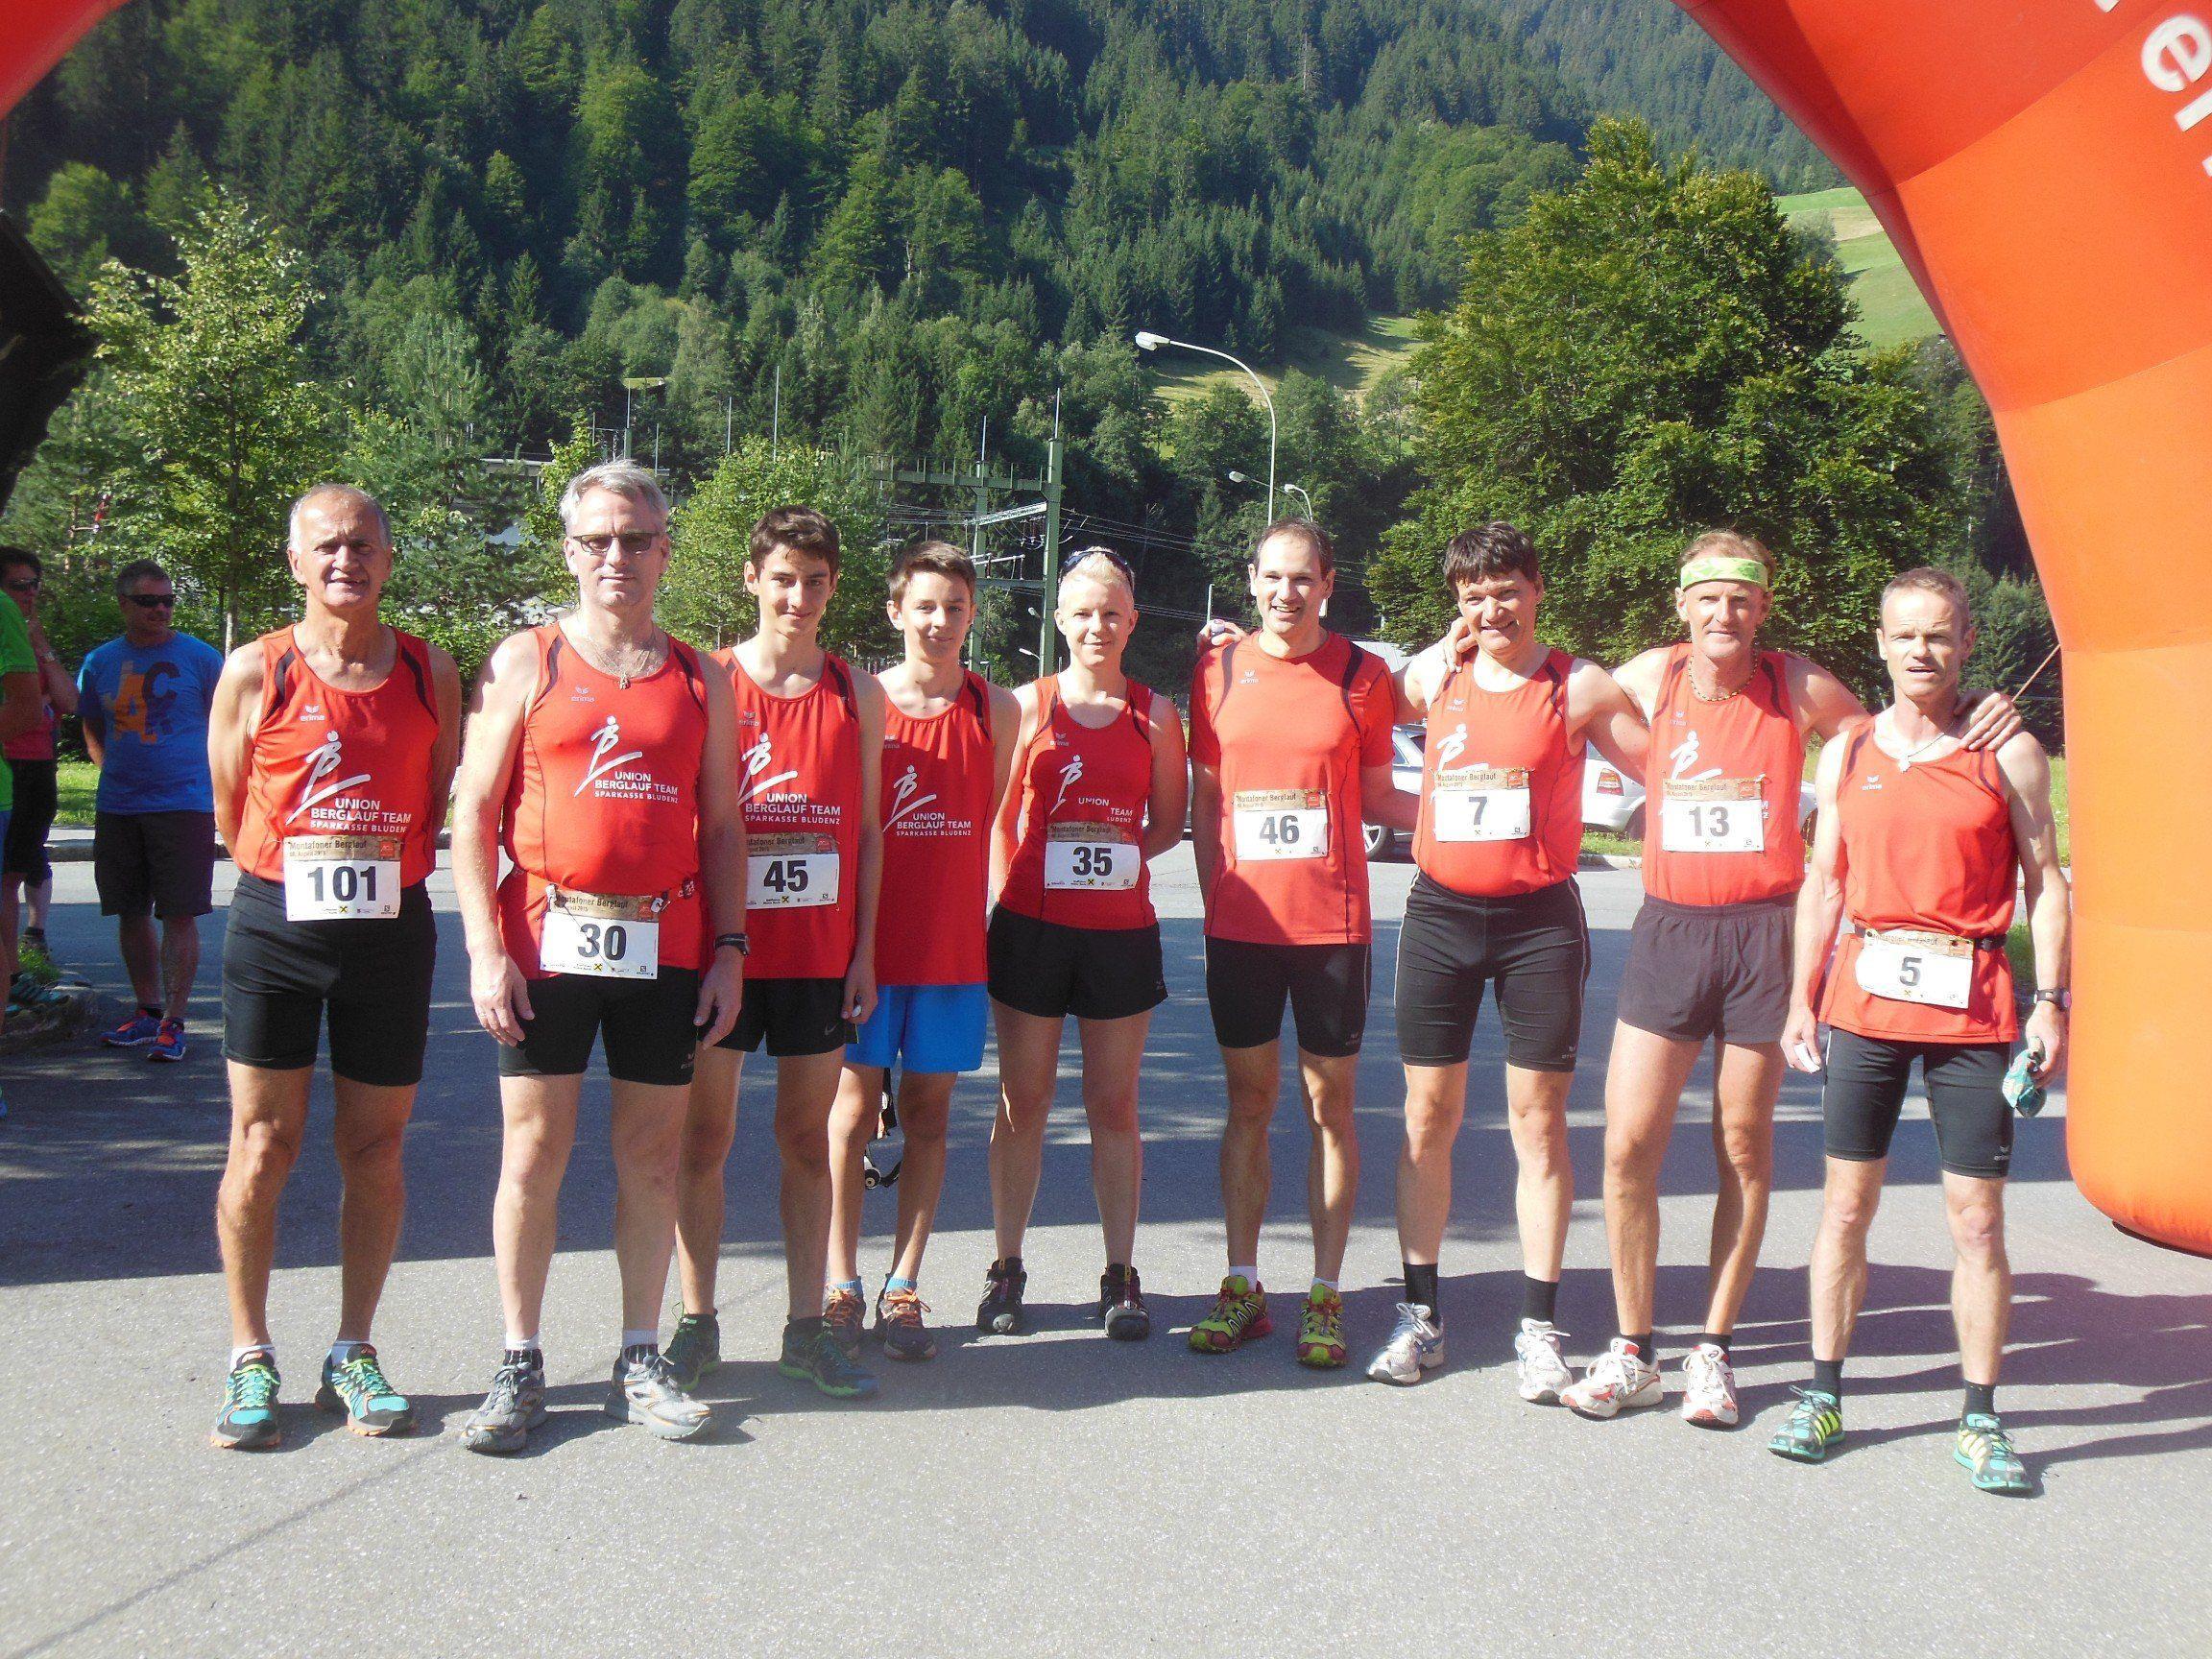 9 BLT Läufer beteiligten sich an dem Sprintberglauf in Partenen